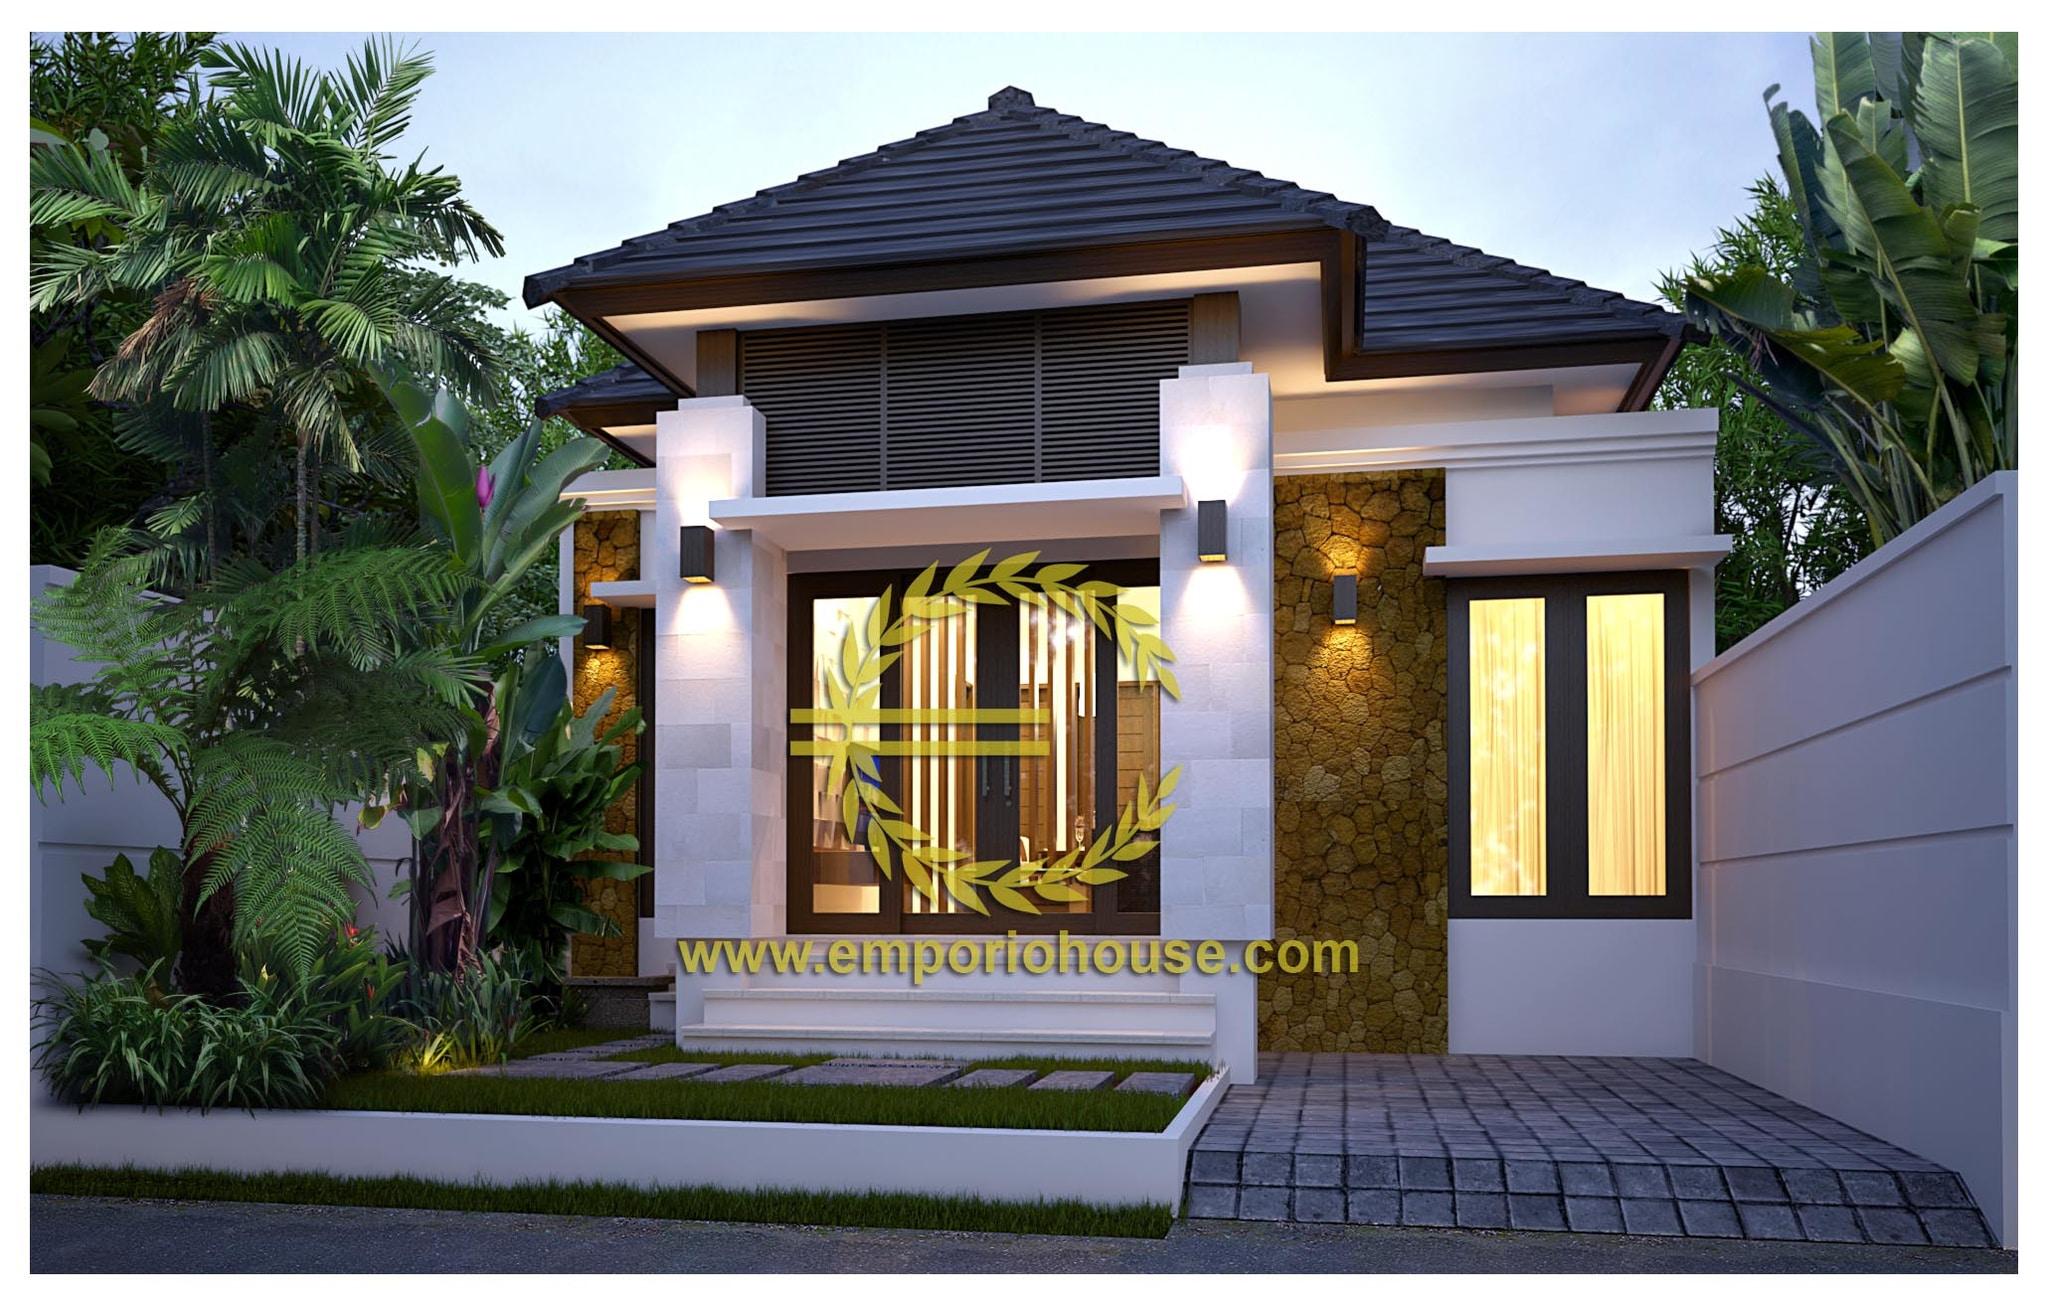 Jual Desain Rumah 1 Lantai 3 Kamar Lebar 8 M Luas Bangunan 58